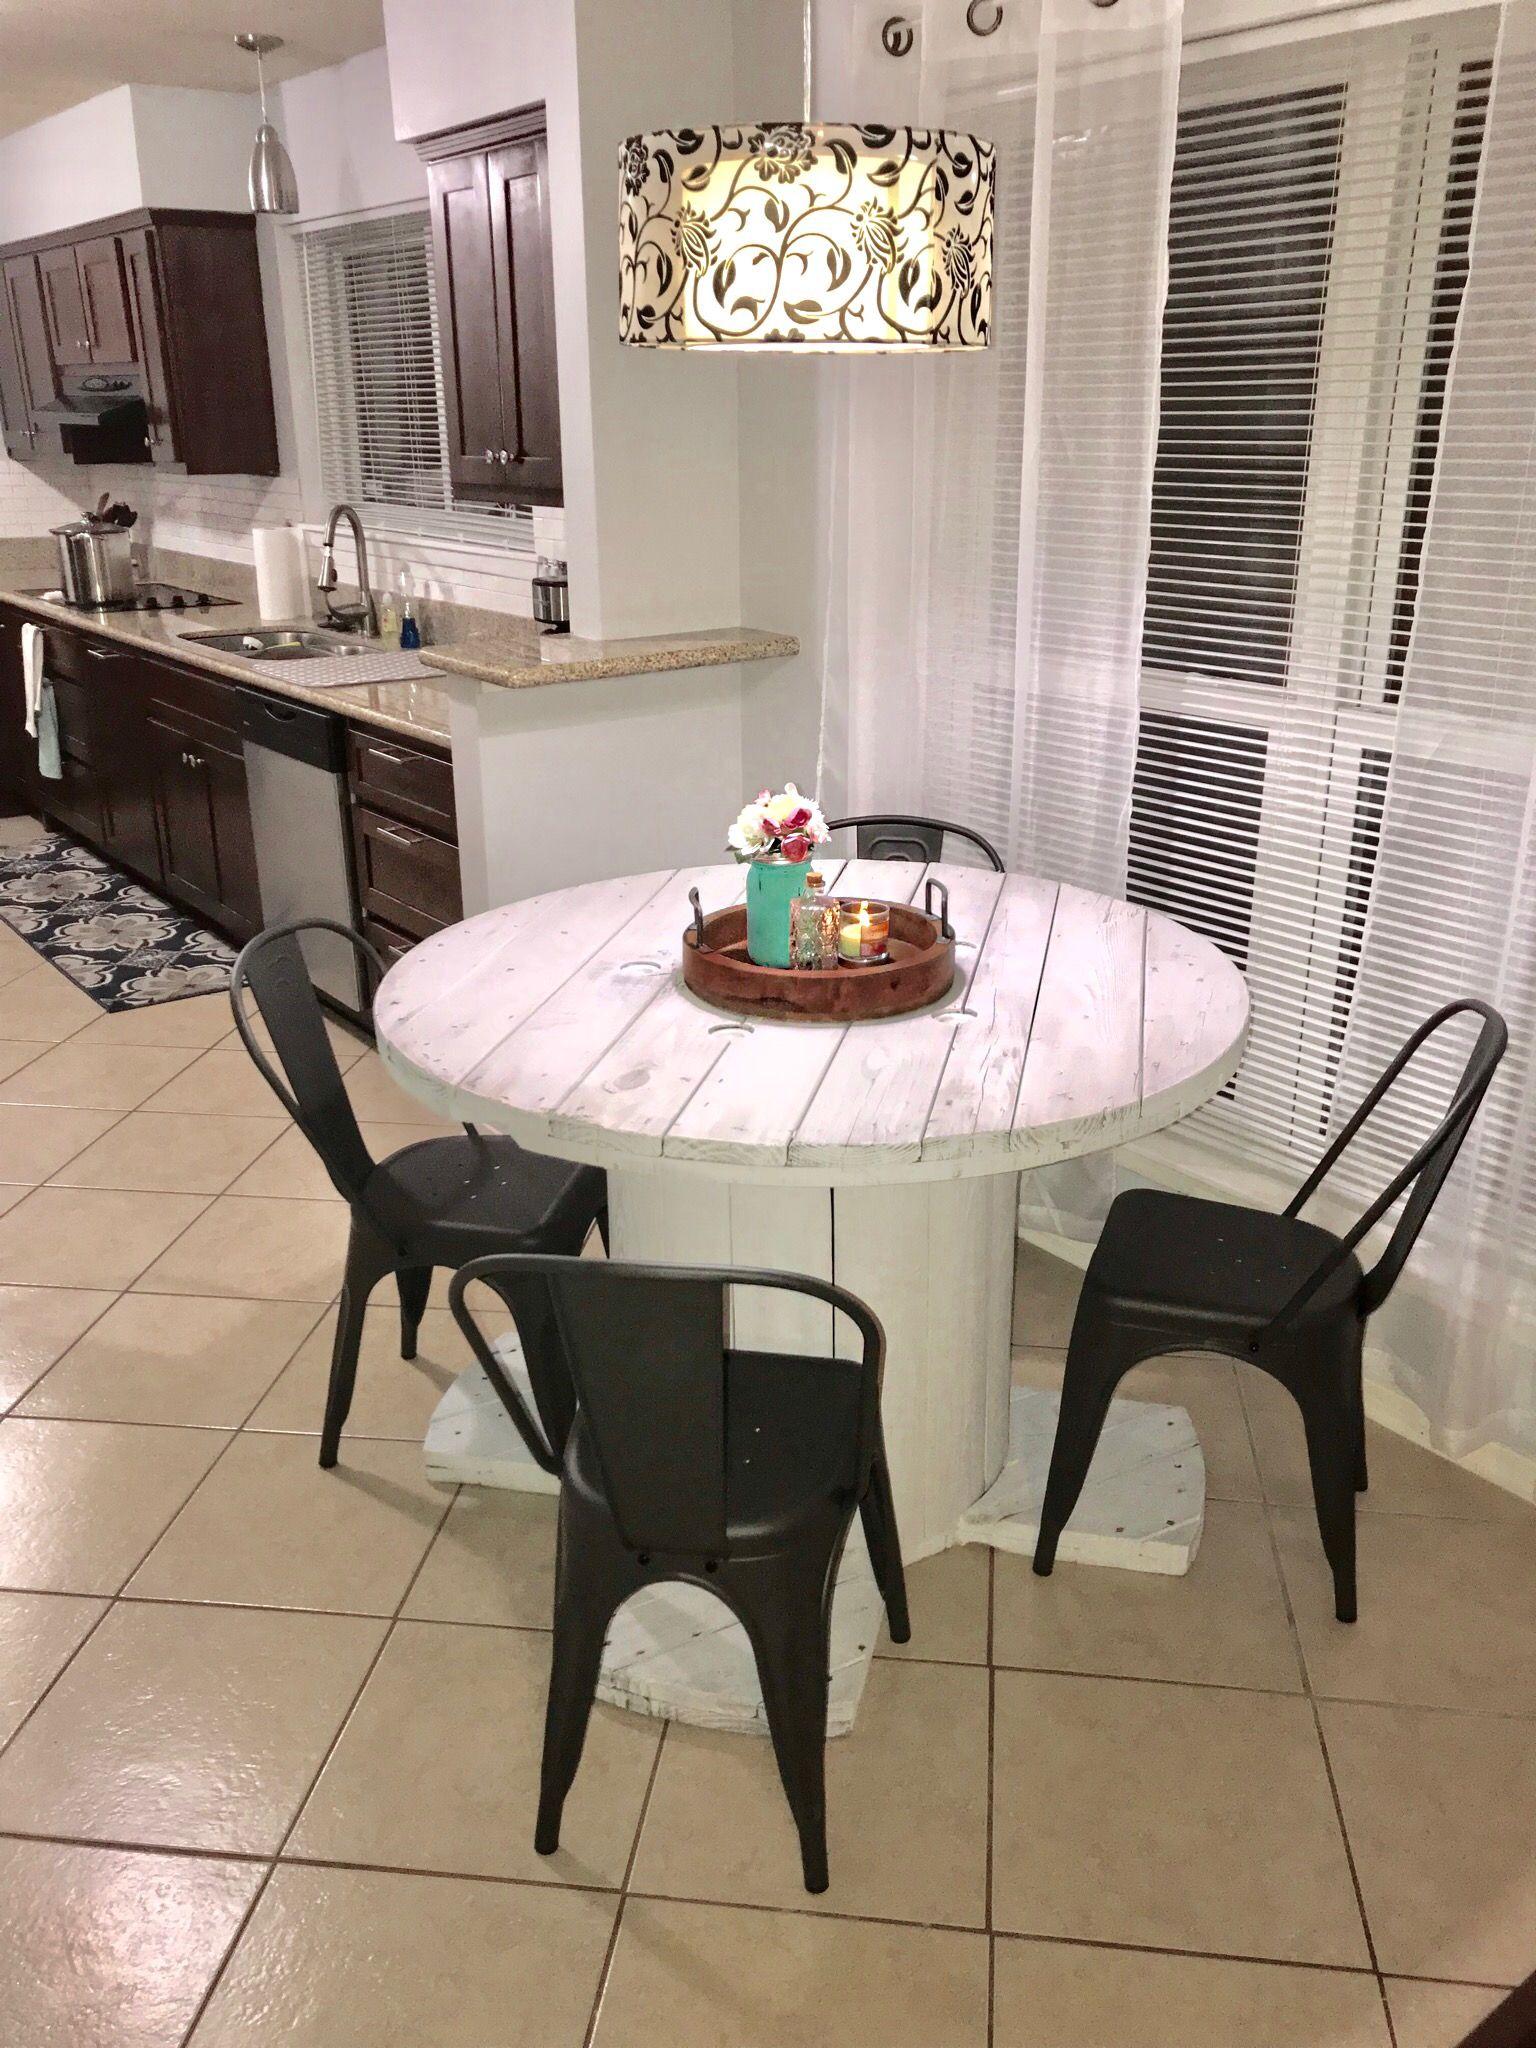 farmhouse kitchen diy spool kitchen table with images farmhouse kitchen diy home kitchen table on farmhouse kitchen table diy id=23750